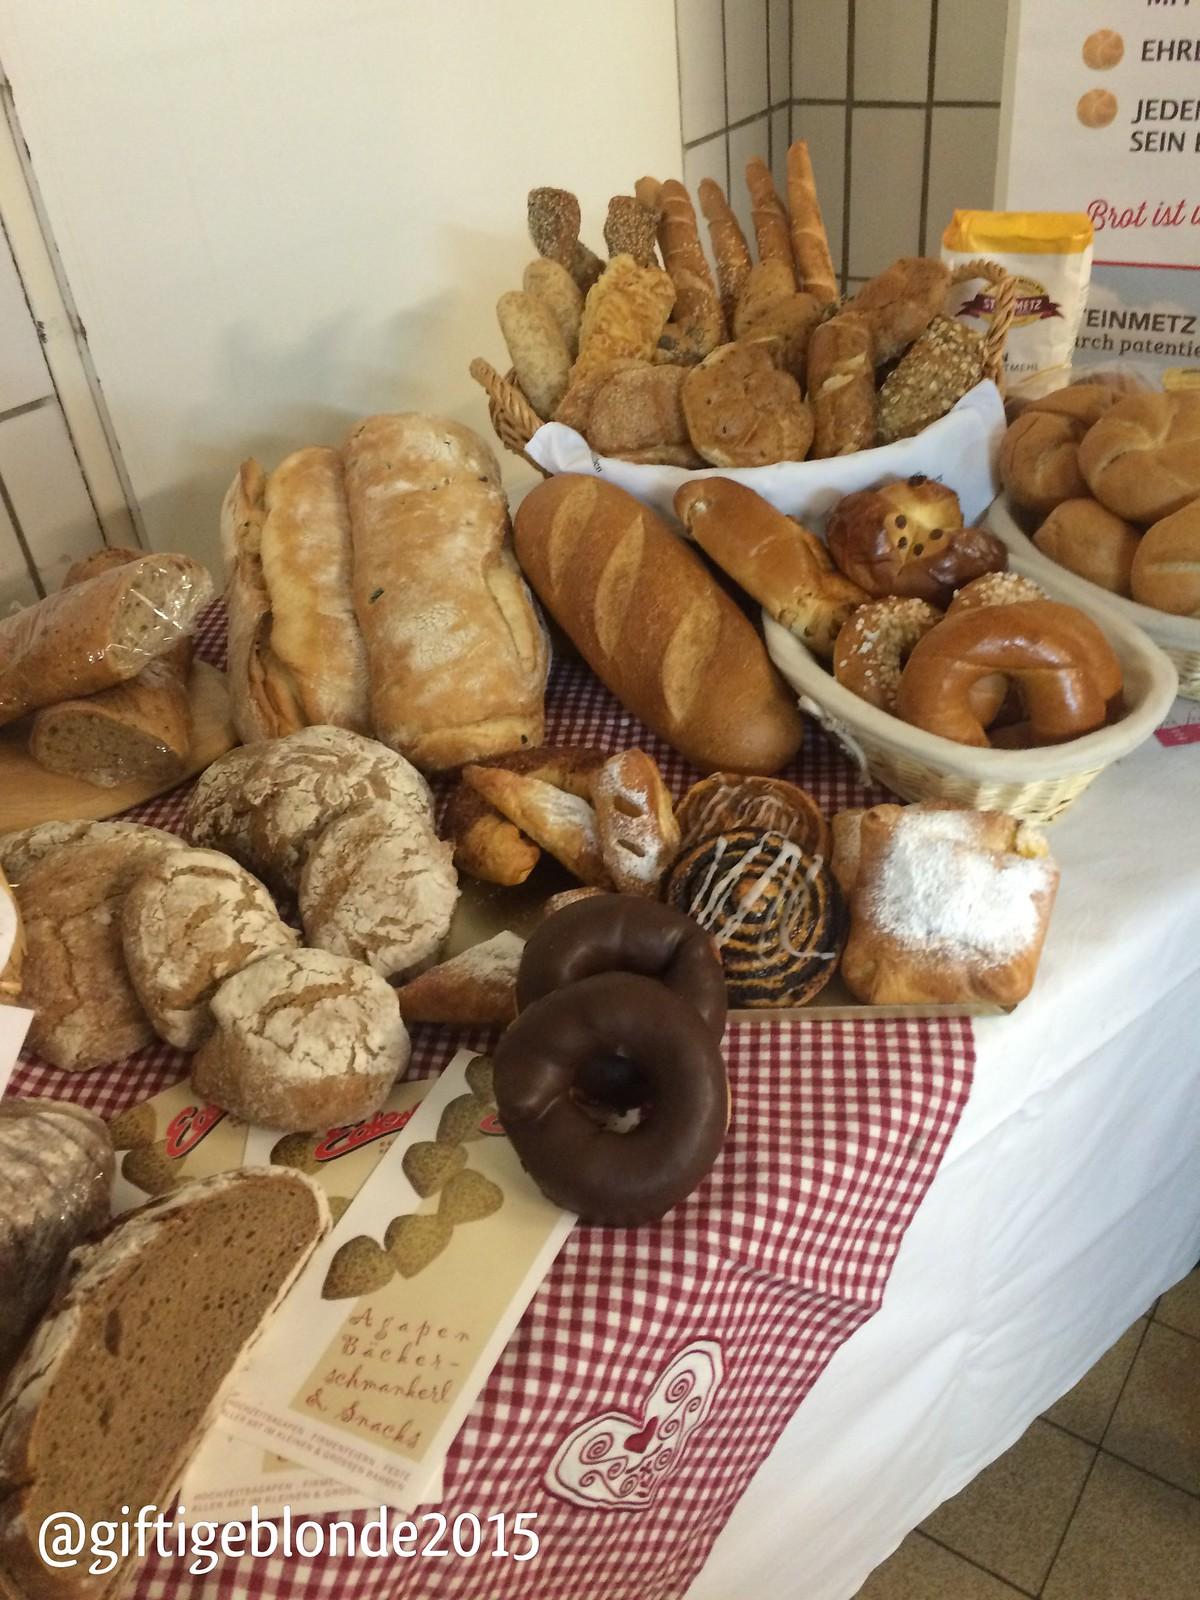 Herrliche Auswahl beim Bäcker Eder, in Gumpoldskirchen